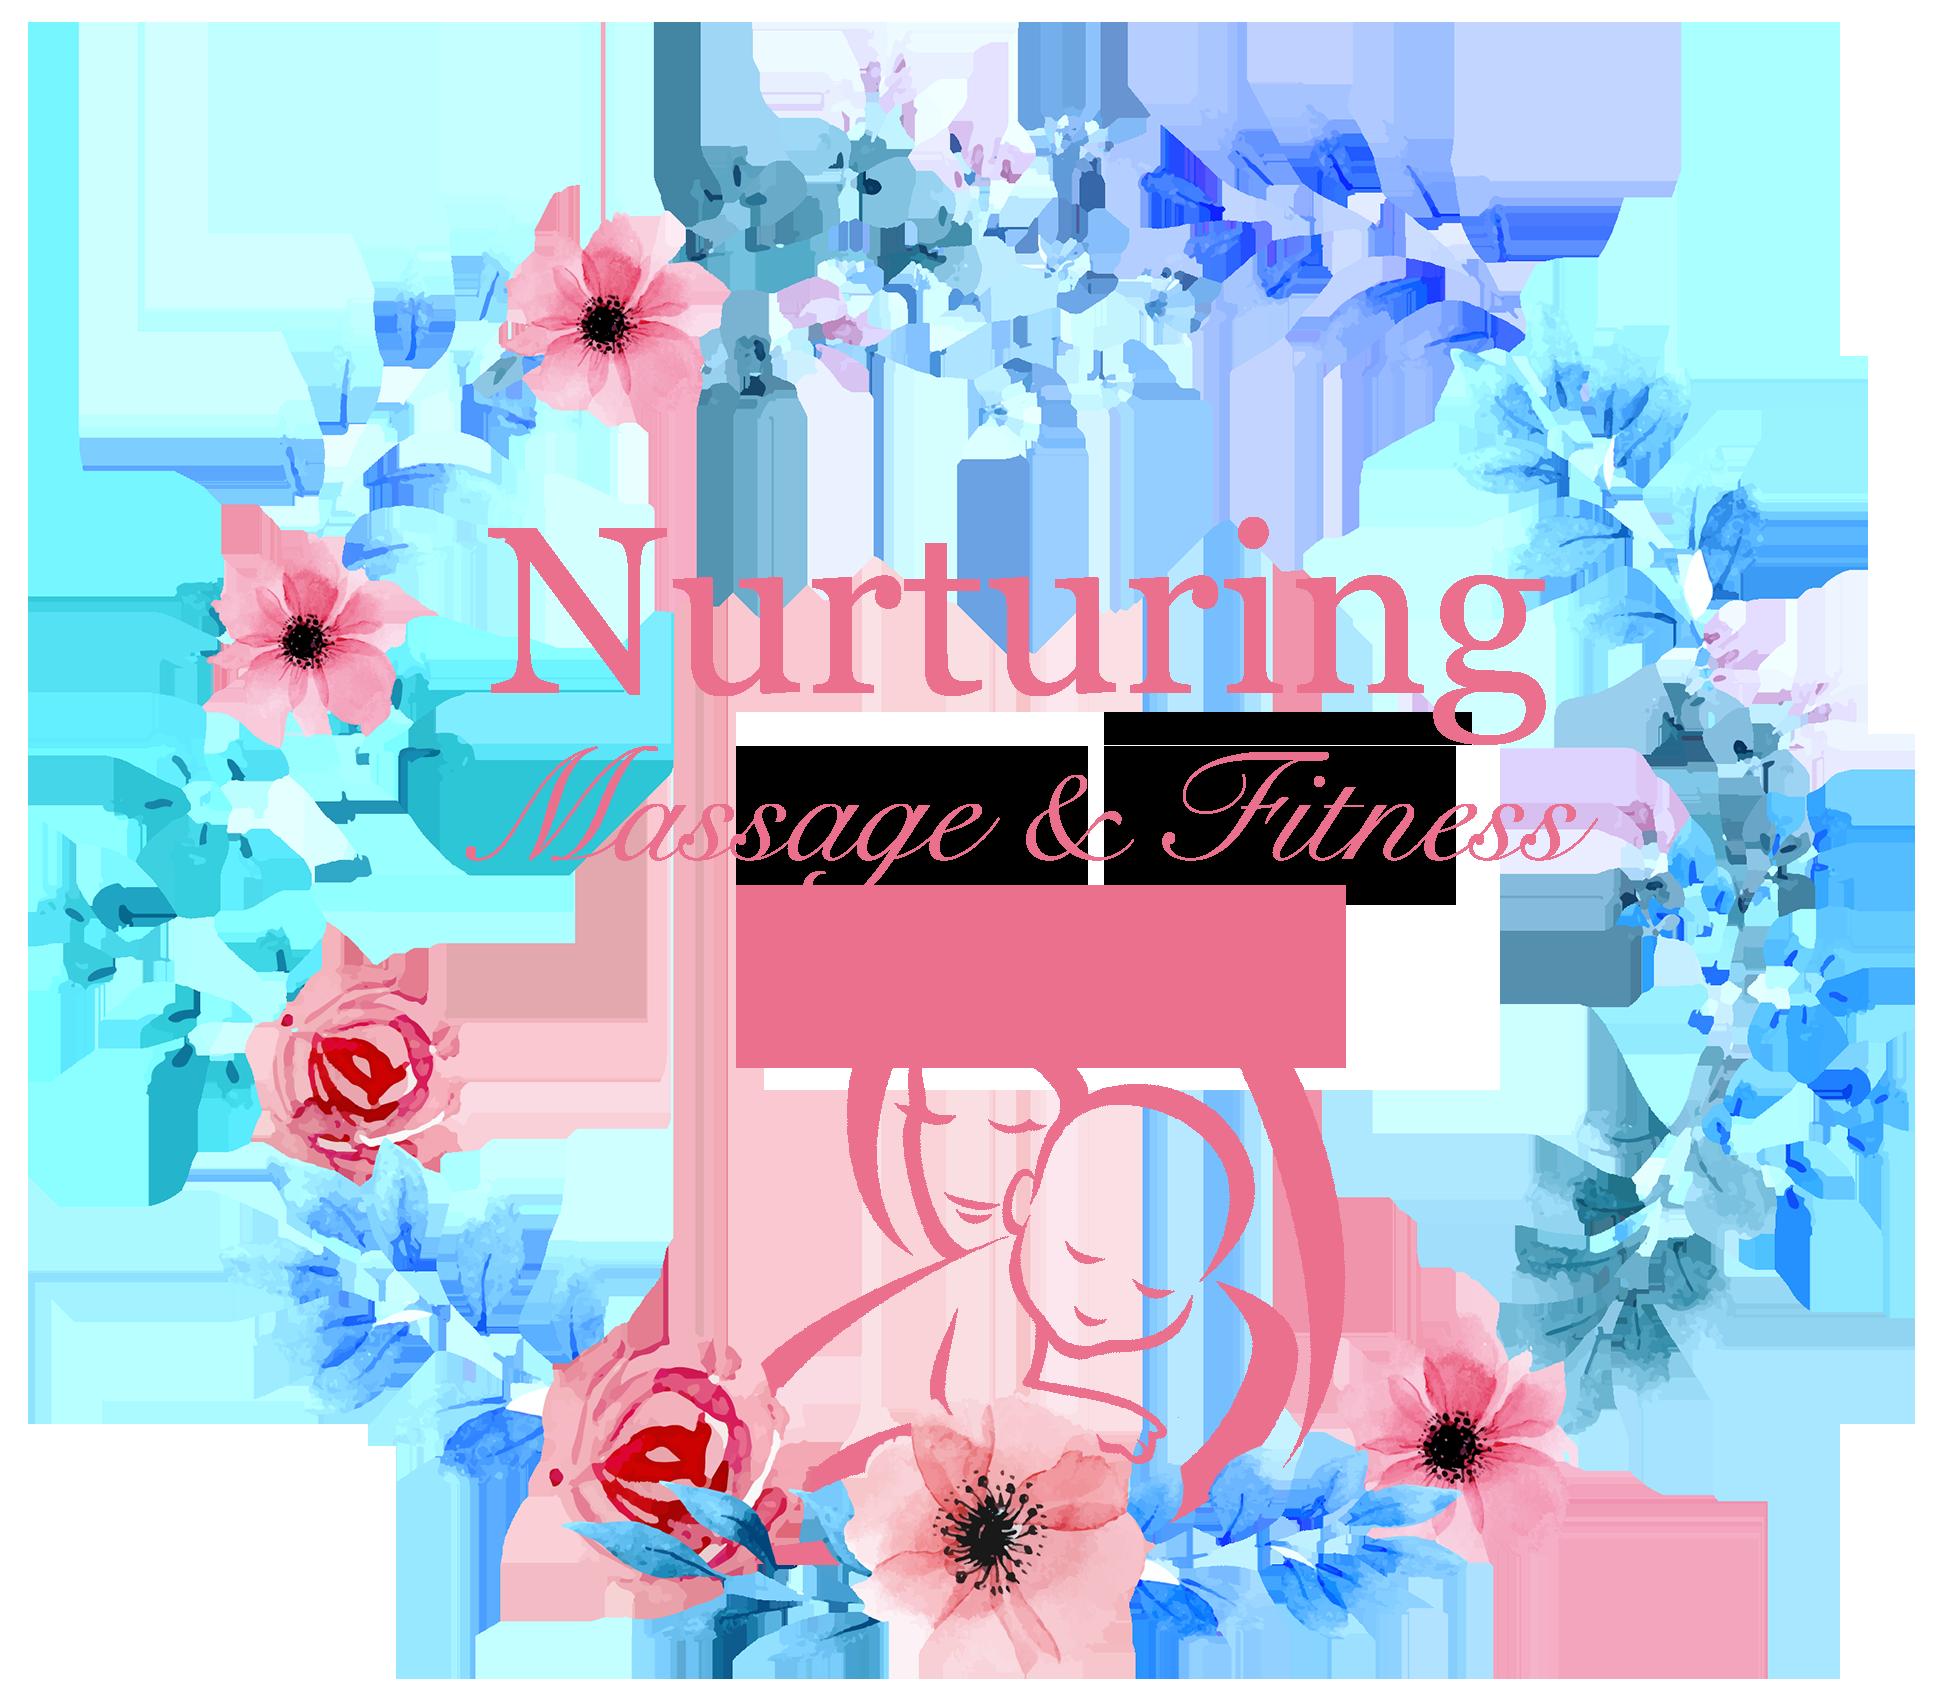 Nurturing Massage + Fitness